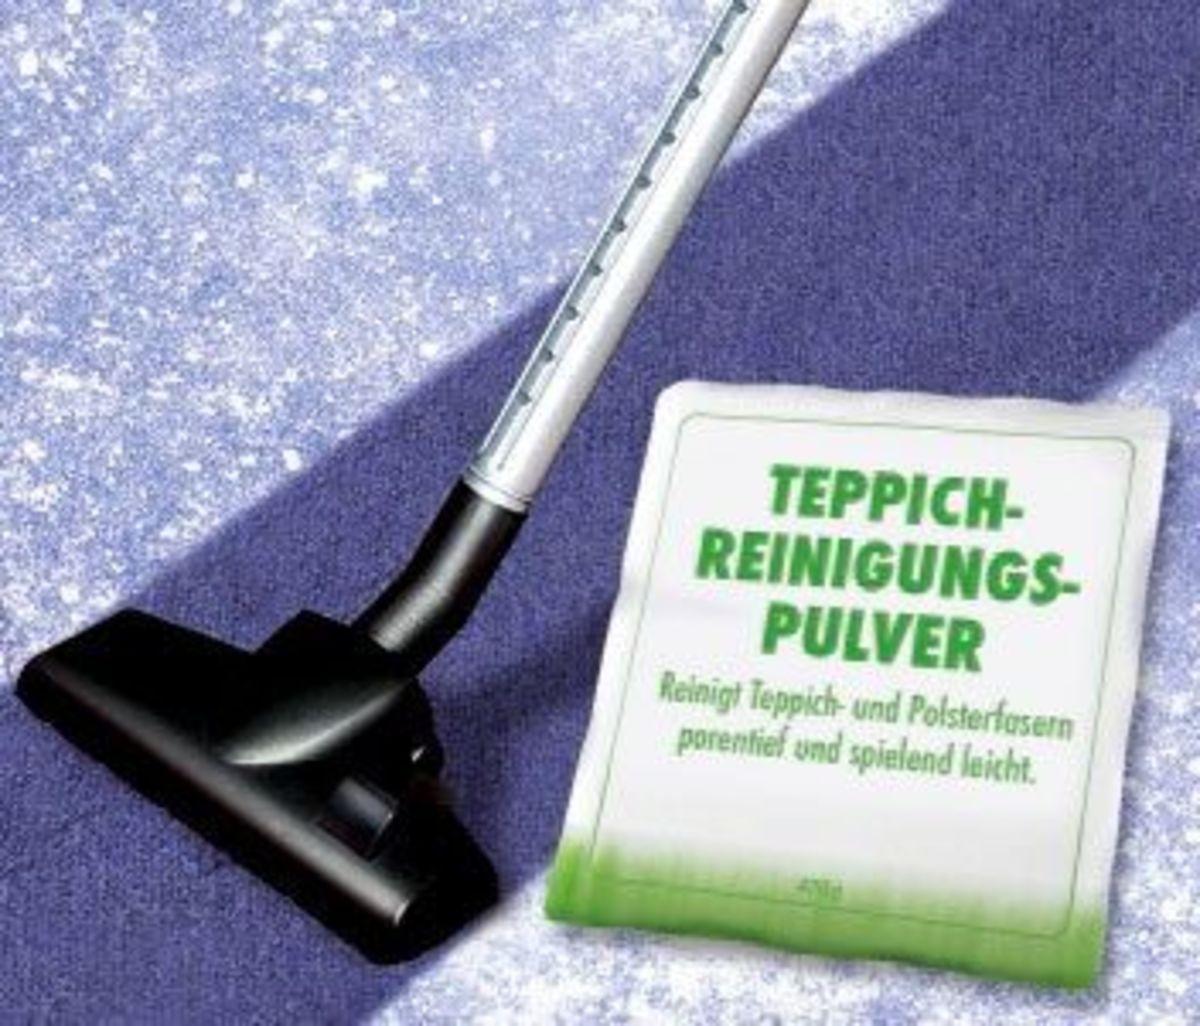 Bild 3 von Teppich-Reinigungspulver